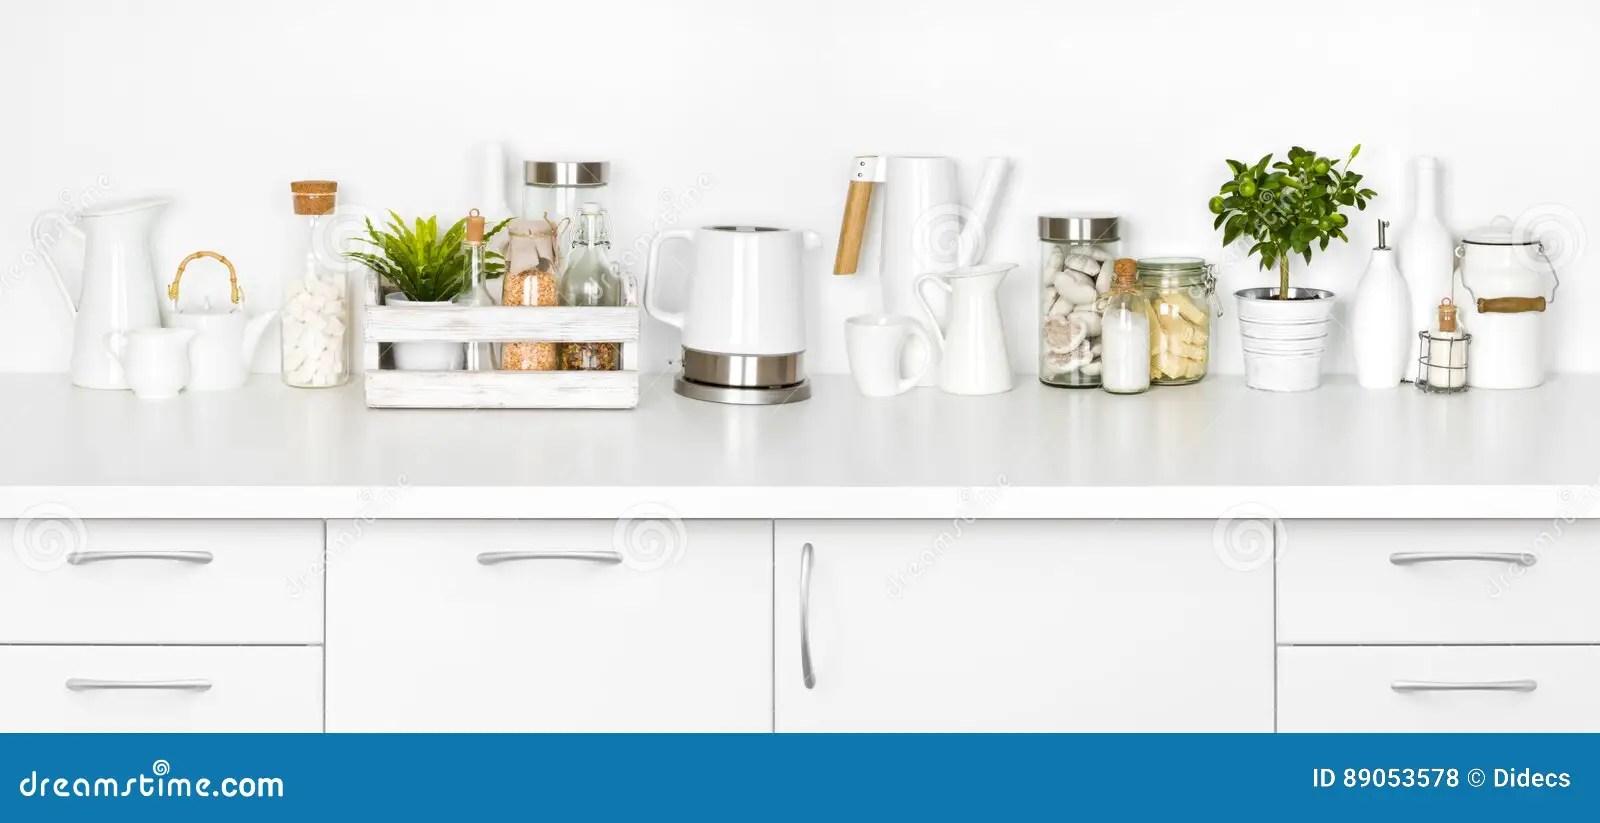 kitchen banquette island with bar seating 充分厨房长凳在白色背景隔绝的各种各样的器物库存照片 图片包括有弯脚的 充分厨房长凳在白色背景隔绝的各种各样的器物